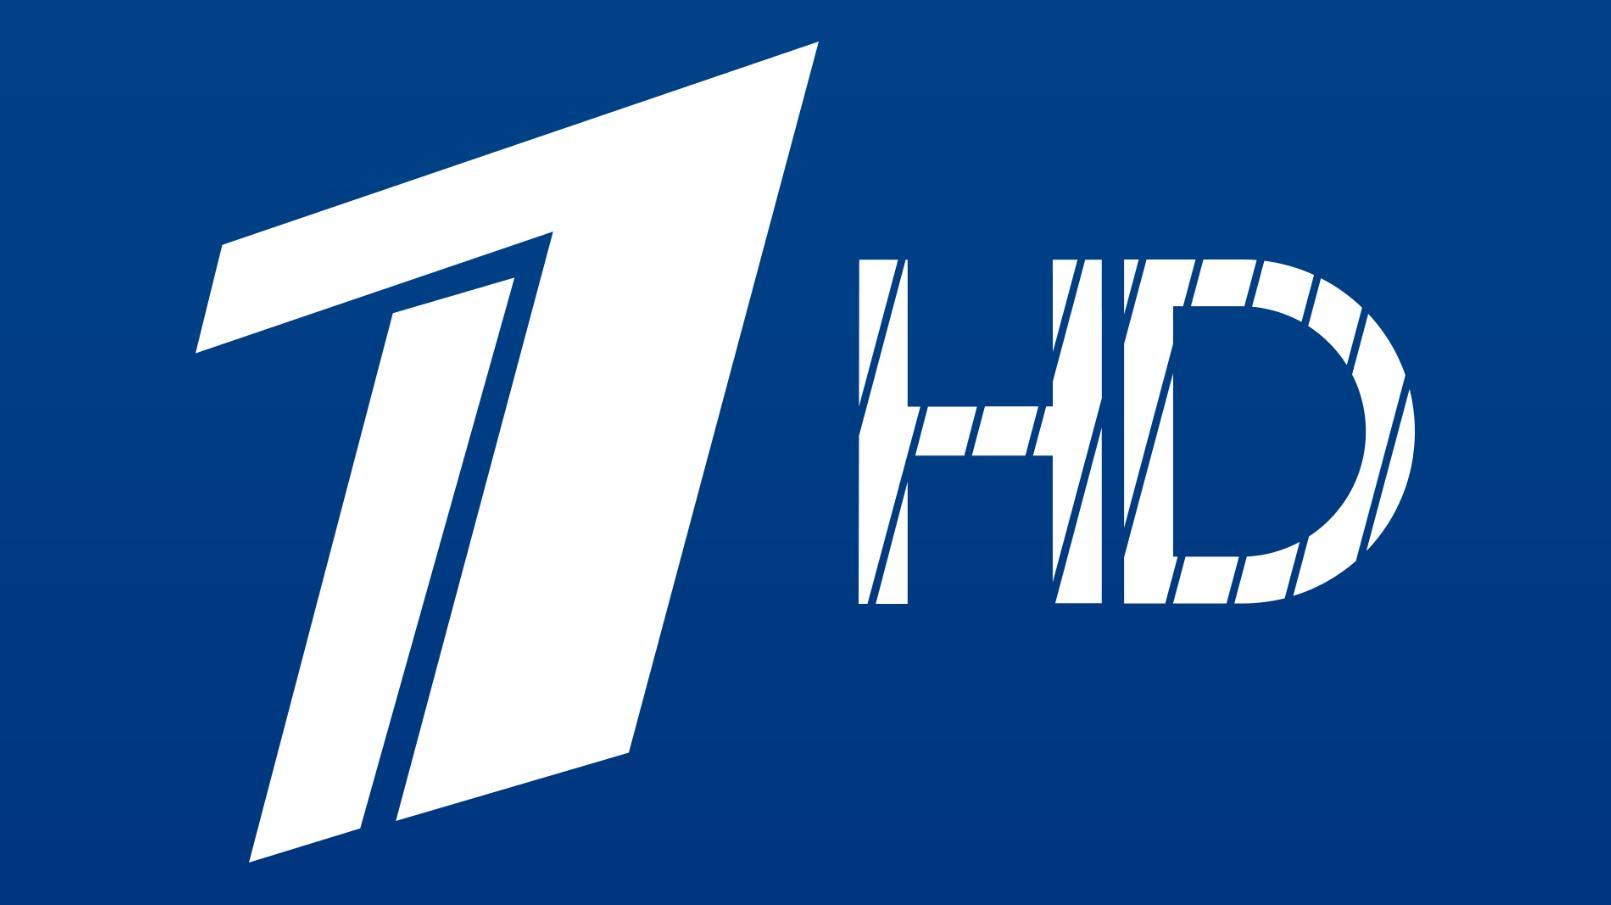 Программа канала 1 hd на сегодня